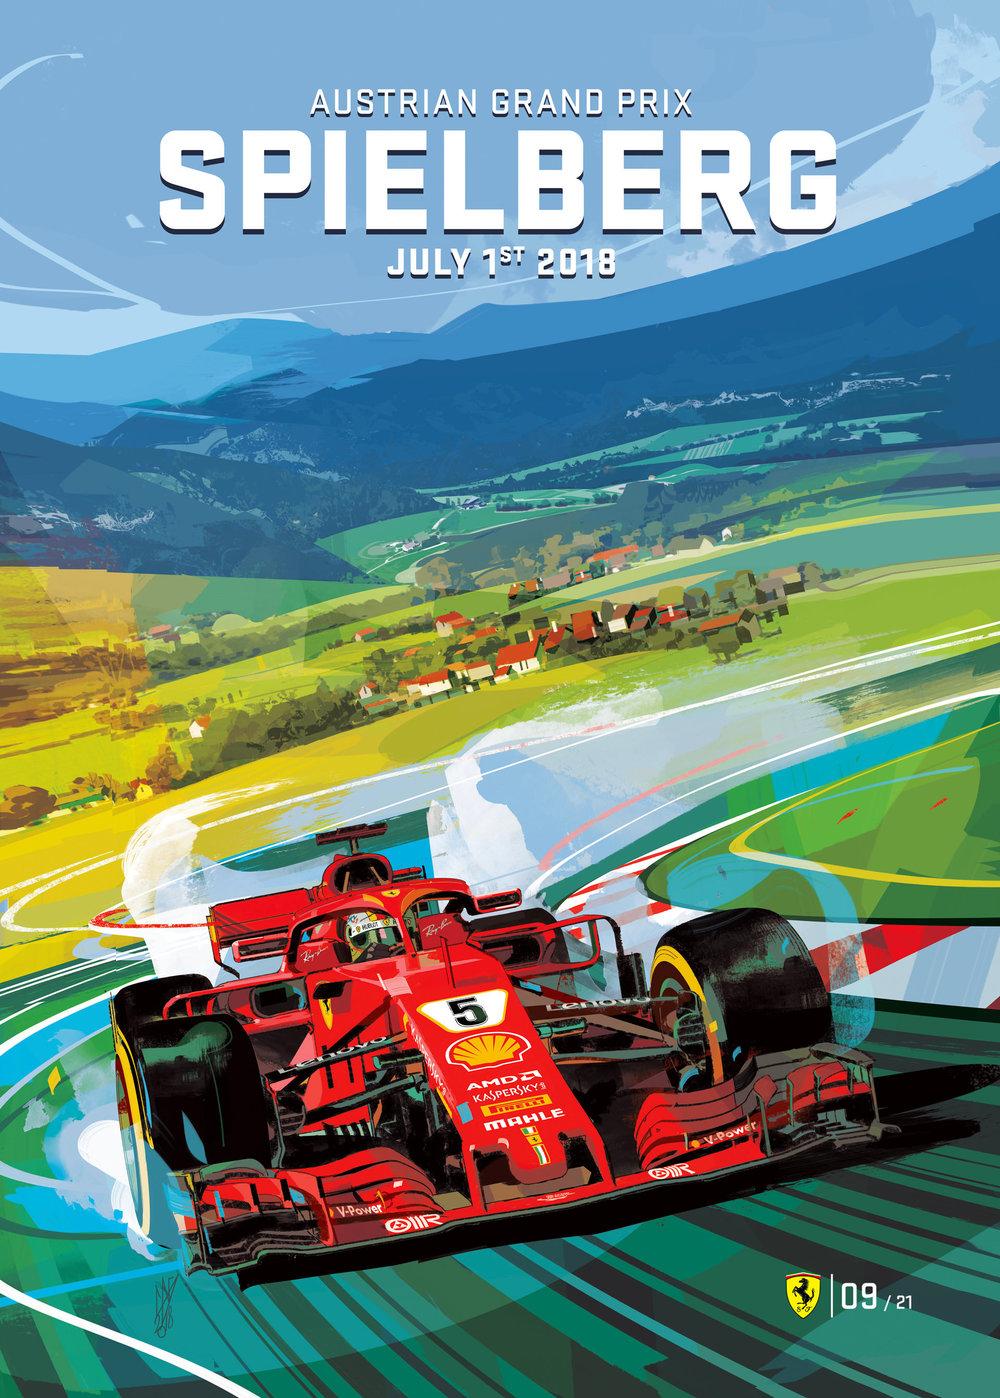 2018 Austrian Grand Prix